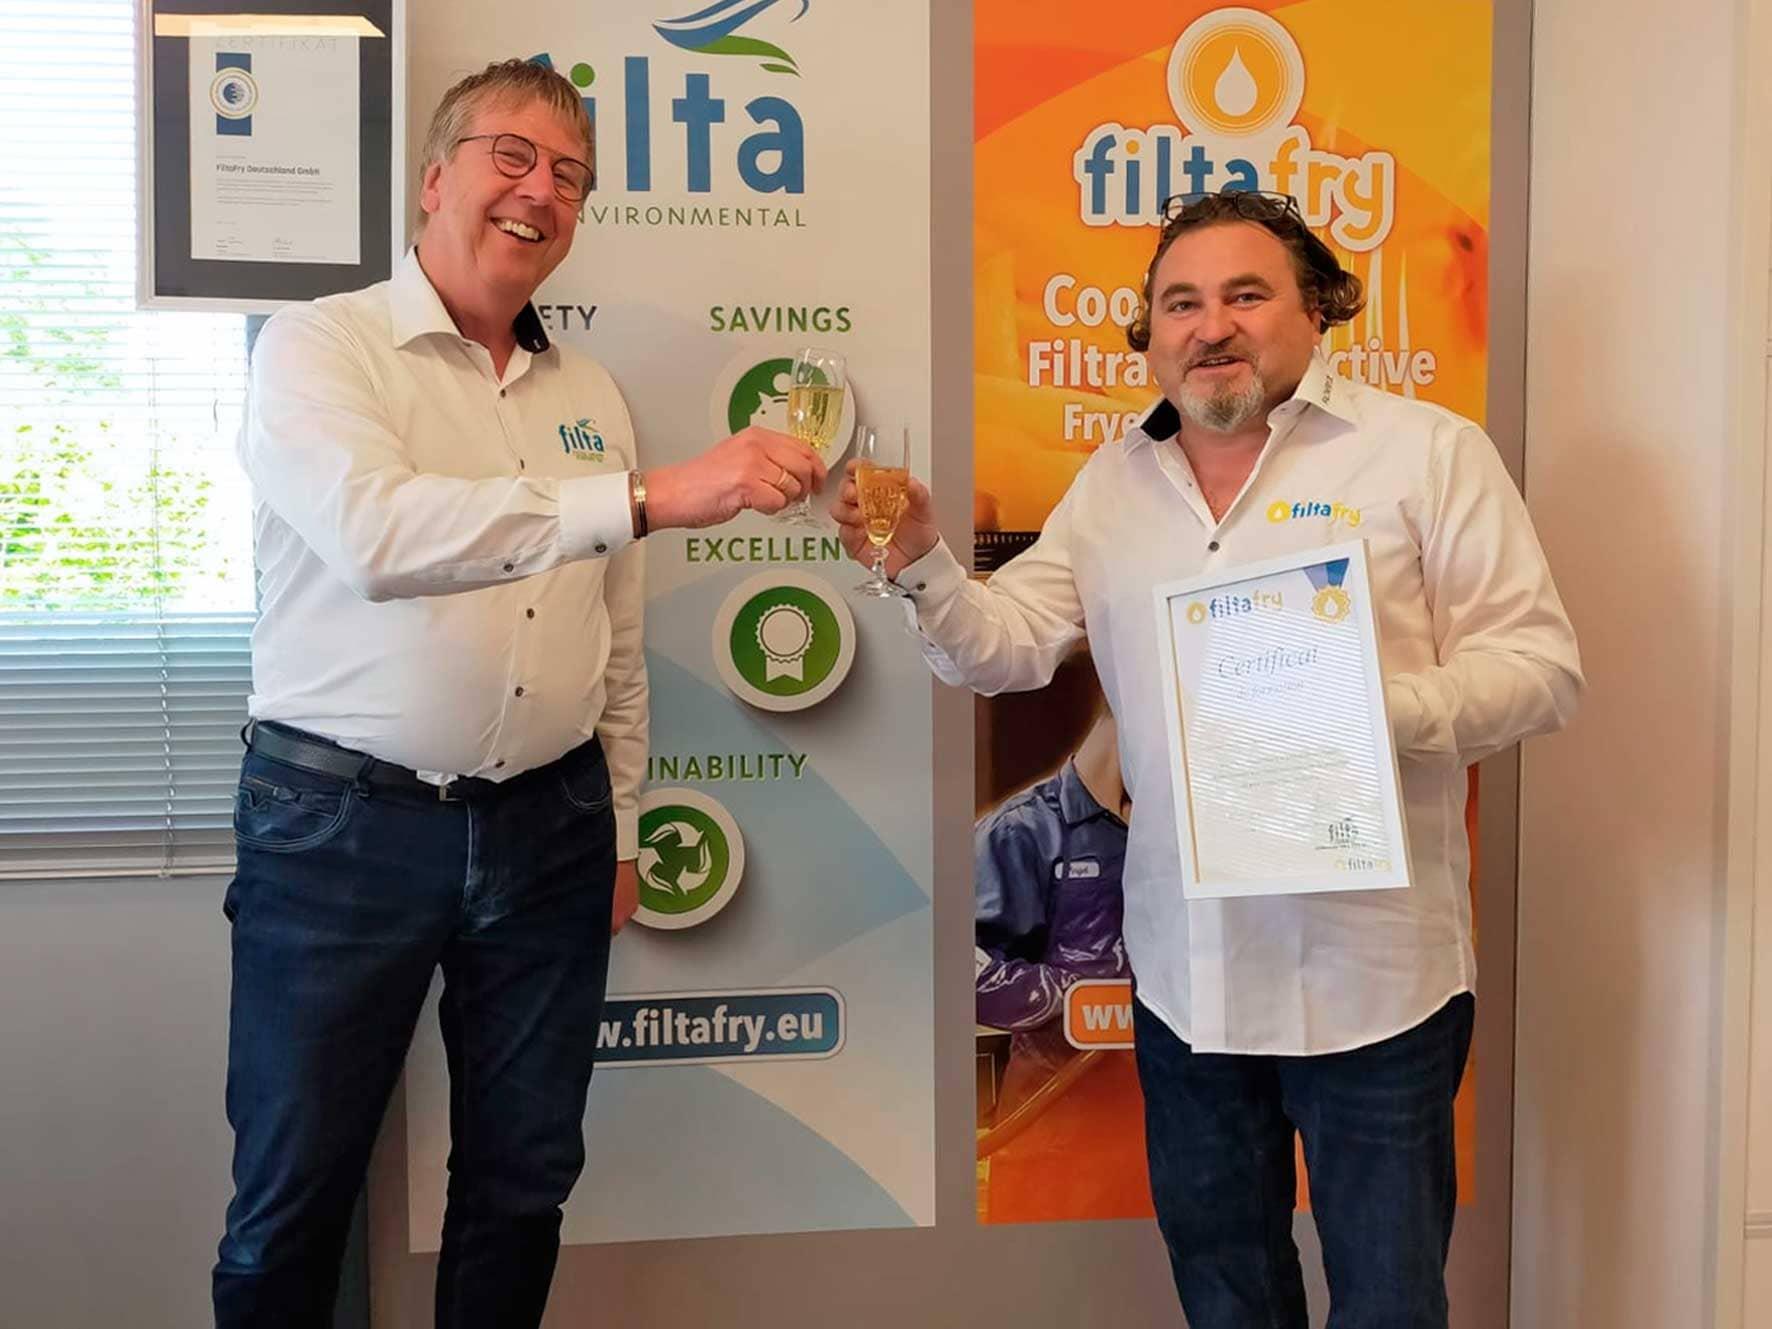 Jérôme Clement startet als erster Filta-Franchisepartner Frankreichs in Lyon und Umgebung mit dem mobilen Fritteusen-, Öl- und Fettmanagement